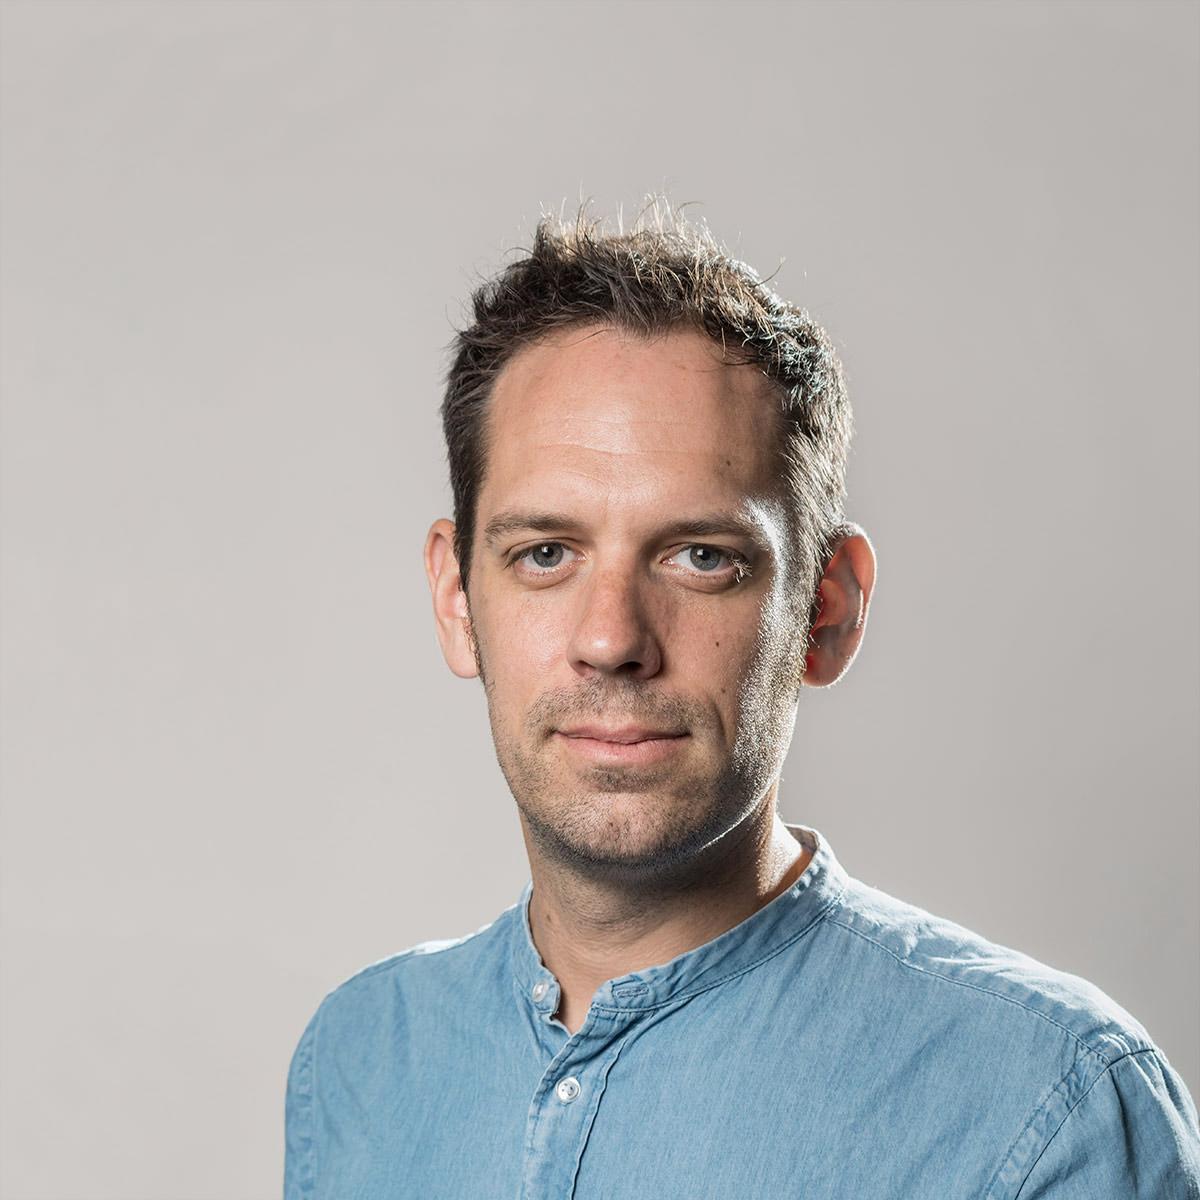 Christian Rutschmann